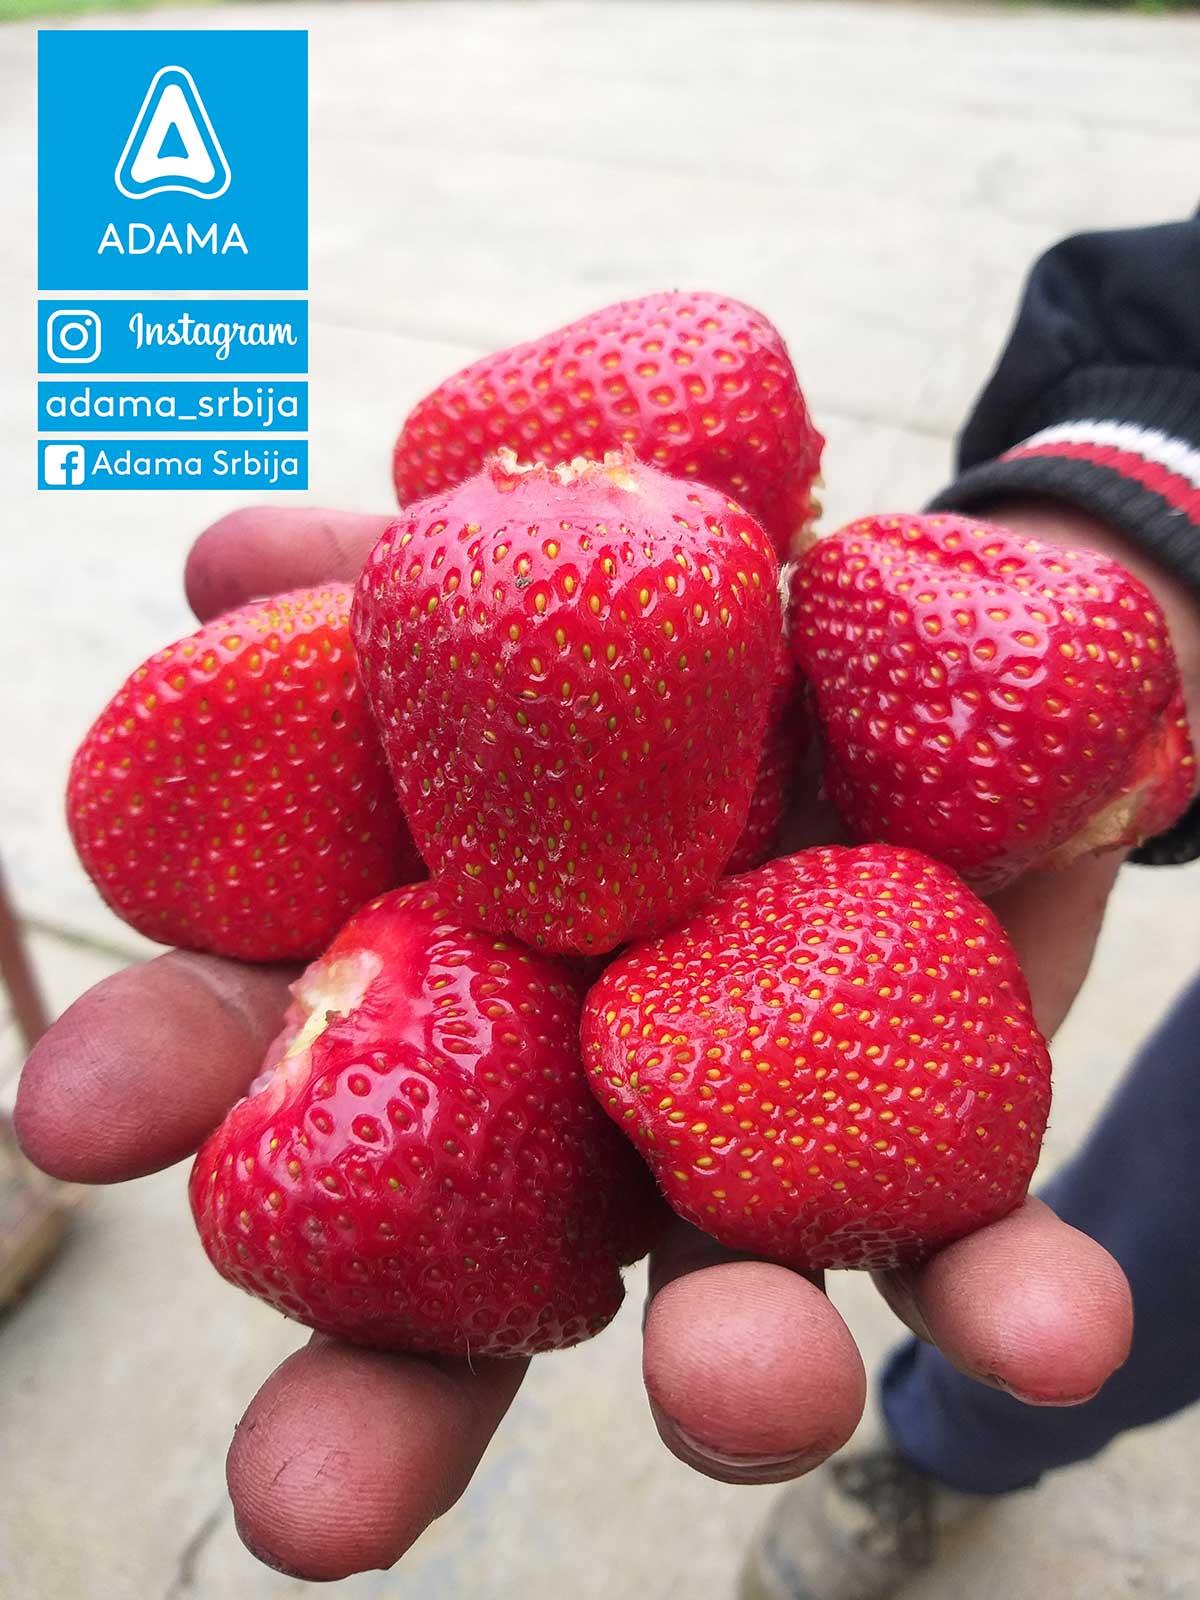 Agrosaveti---Adama---Sljiva--Gornje-Rataje---Darko-Blazic---Fotkaj-plod-i-uvecaj-rod---Konkurs-04